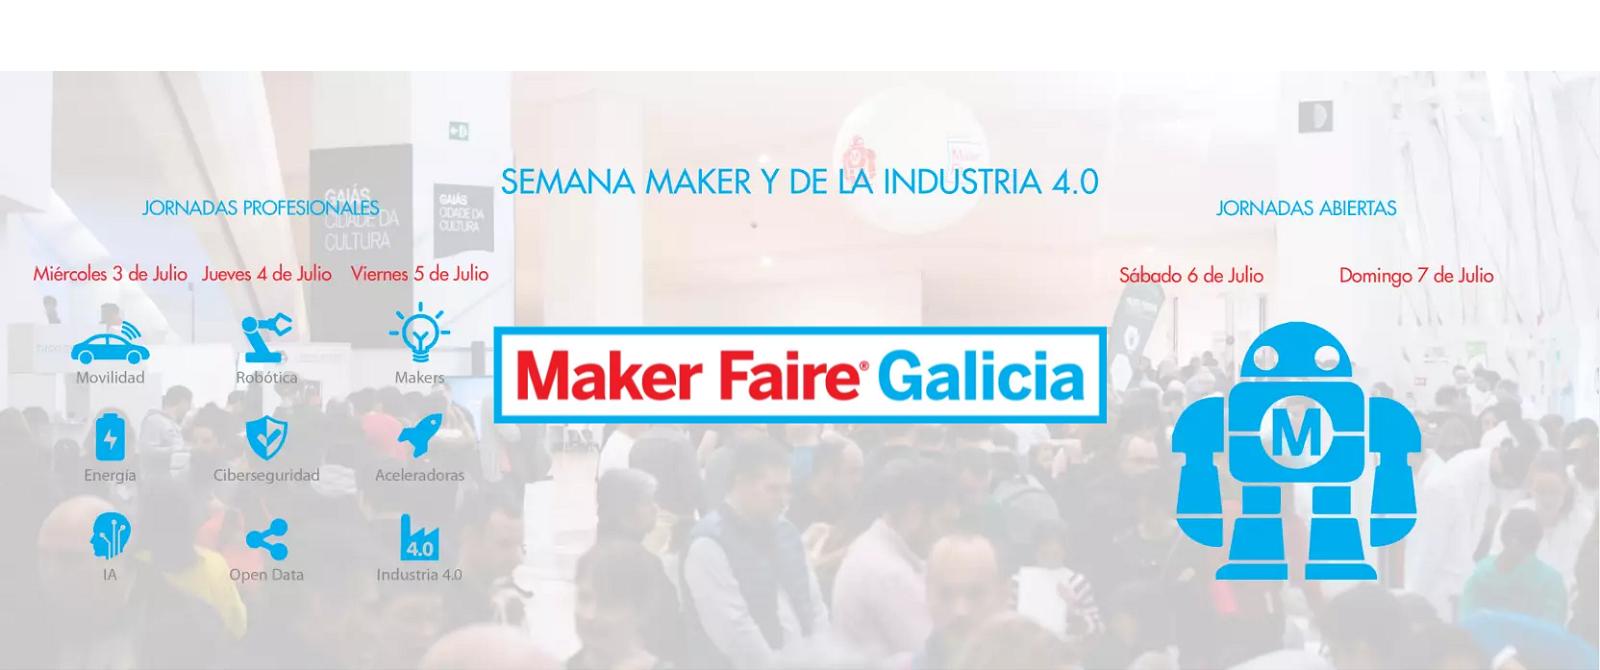 Maker Faire Galicia 2019